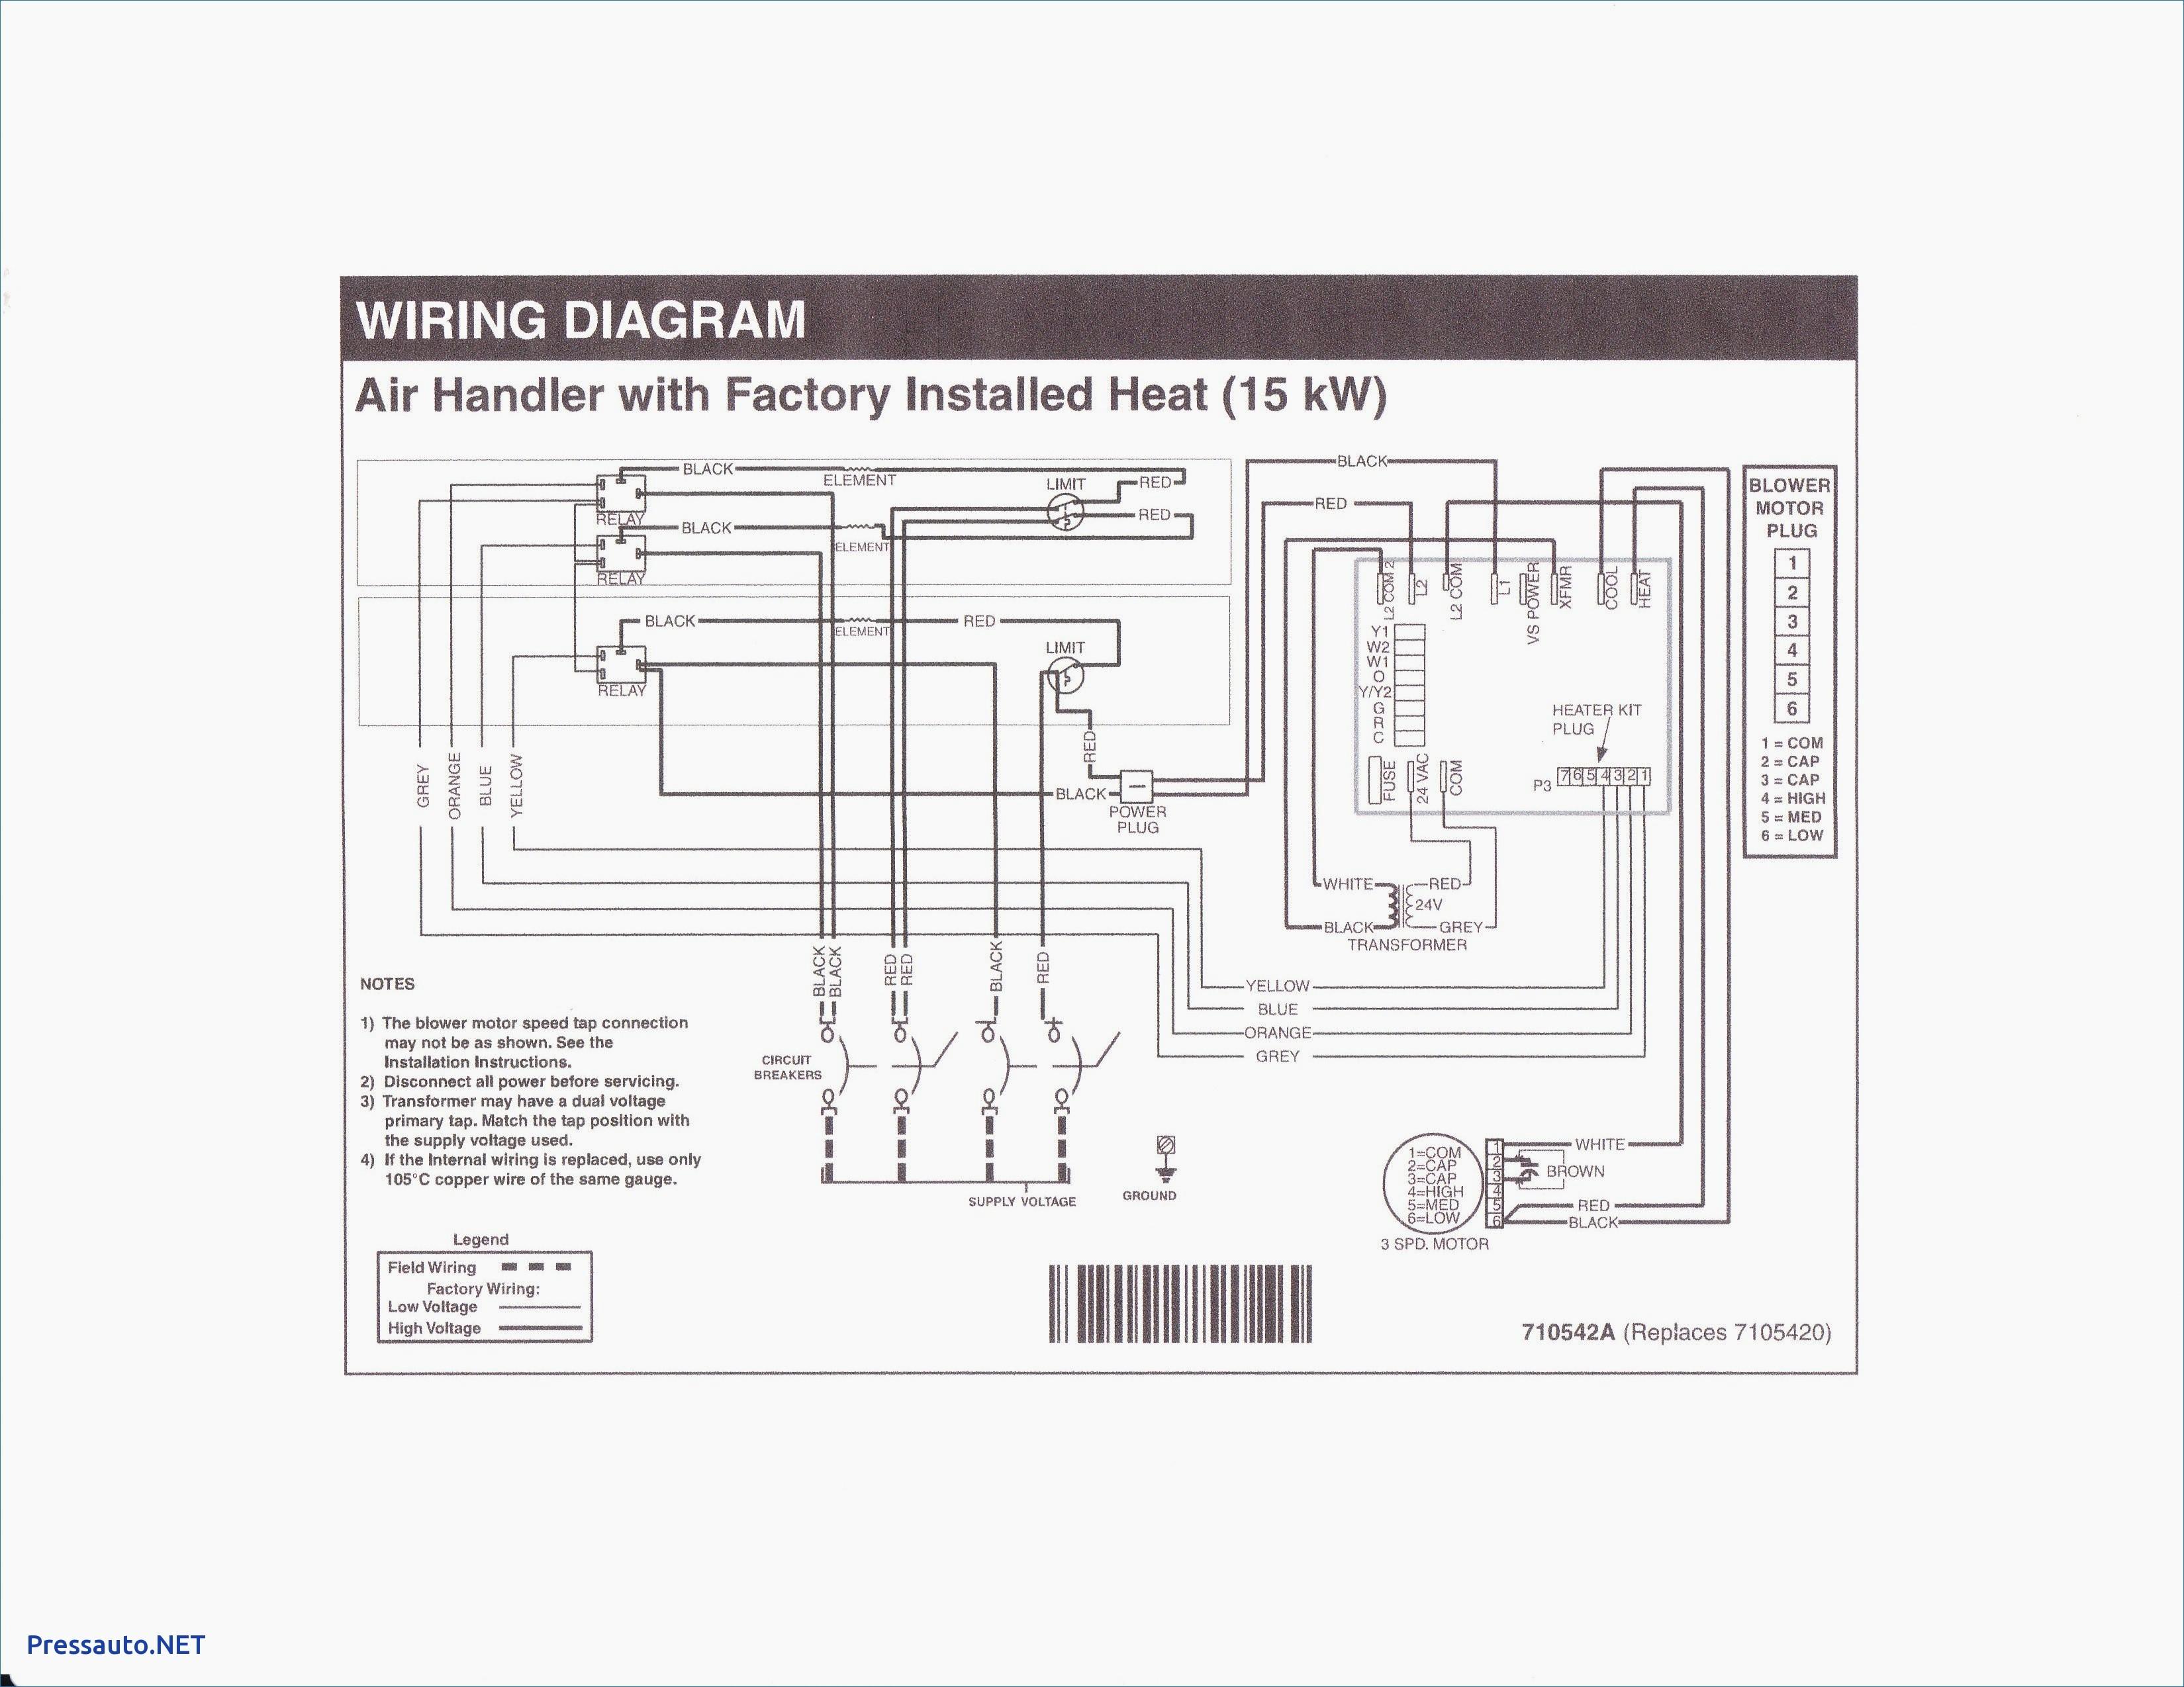 mobile home range wiring - wiring diagram mega on meter base wiring  diagram, service panel